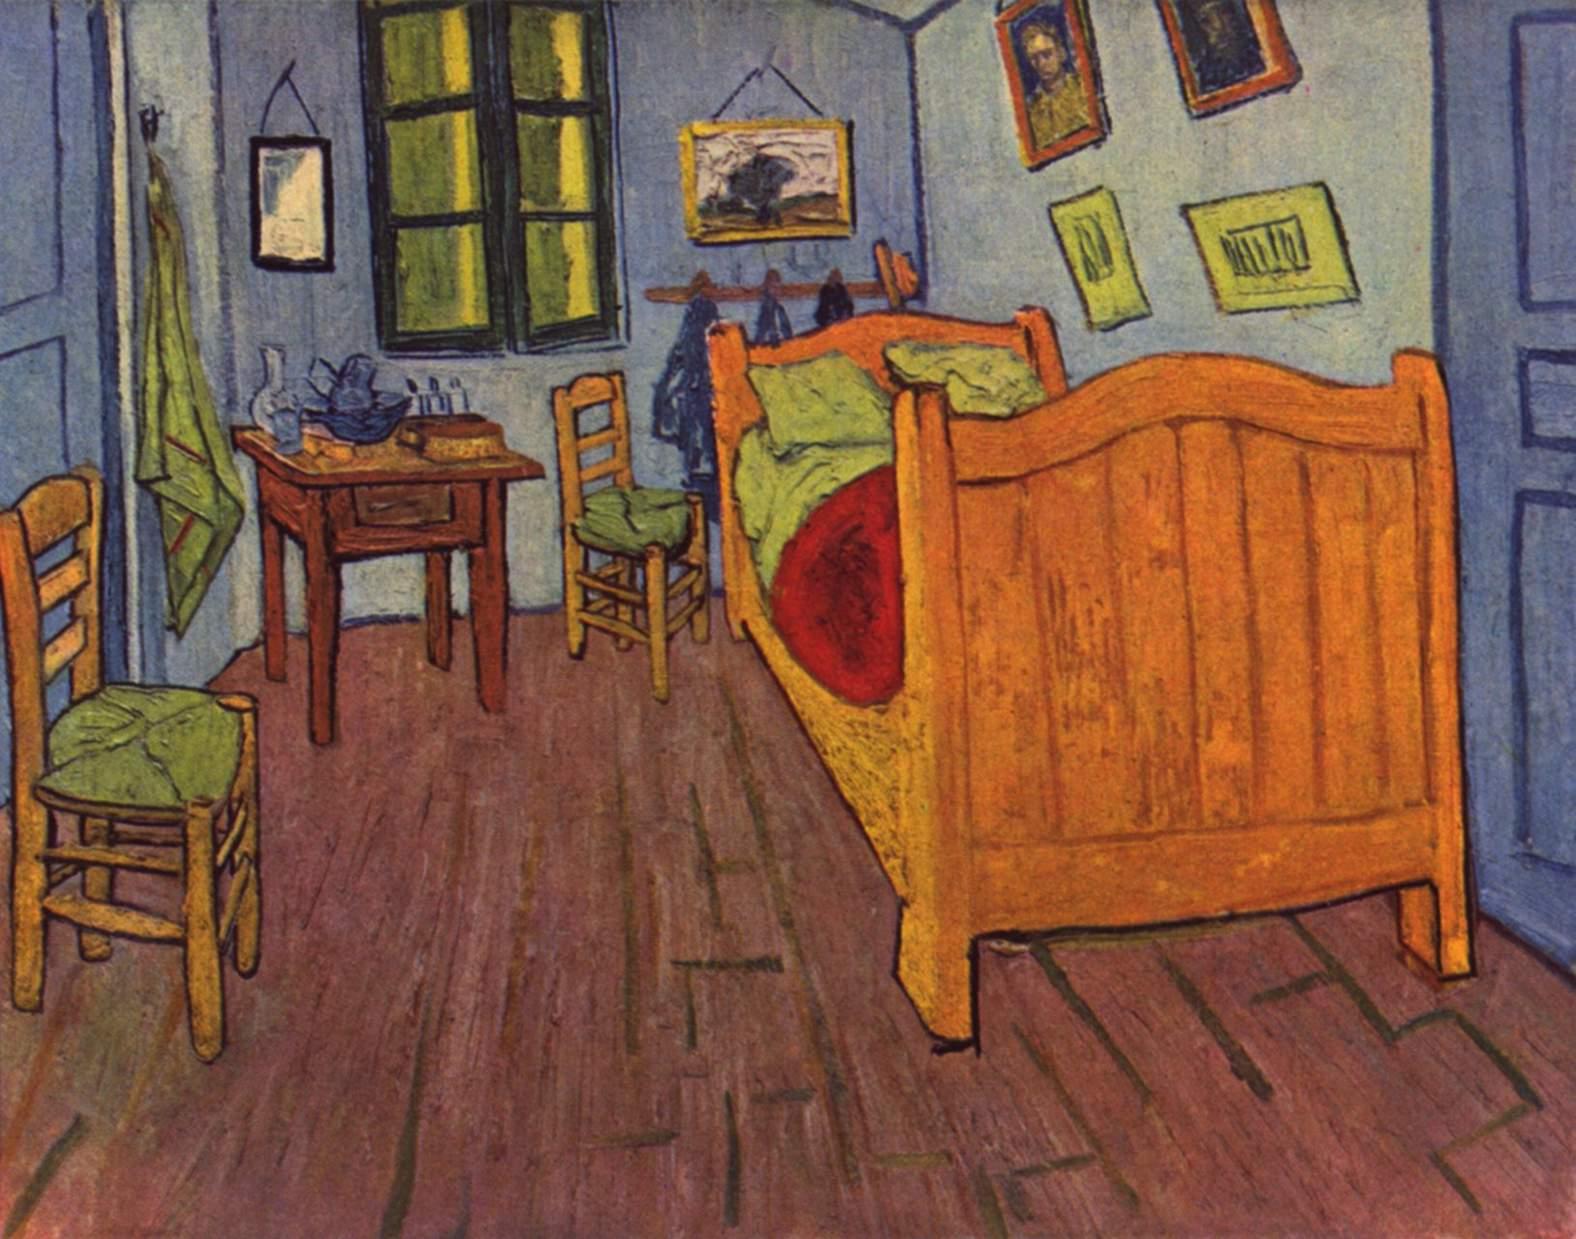 La chambre de van gogh arles - Analyse du tableau la chambre de van gogh ...